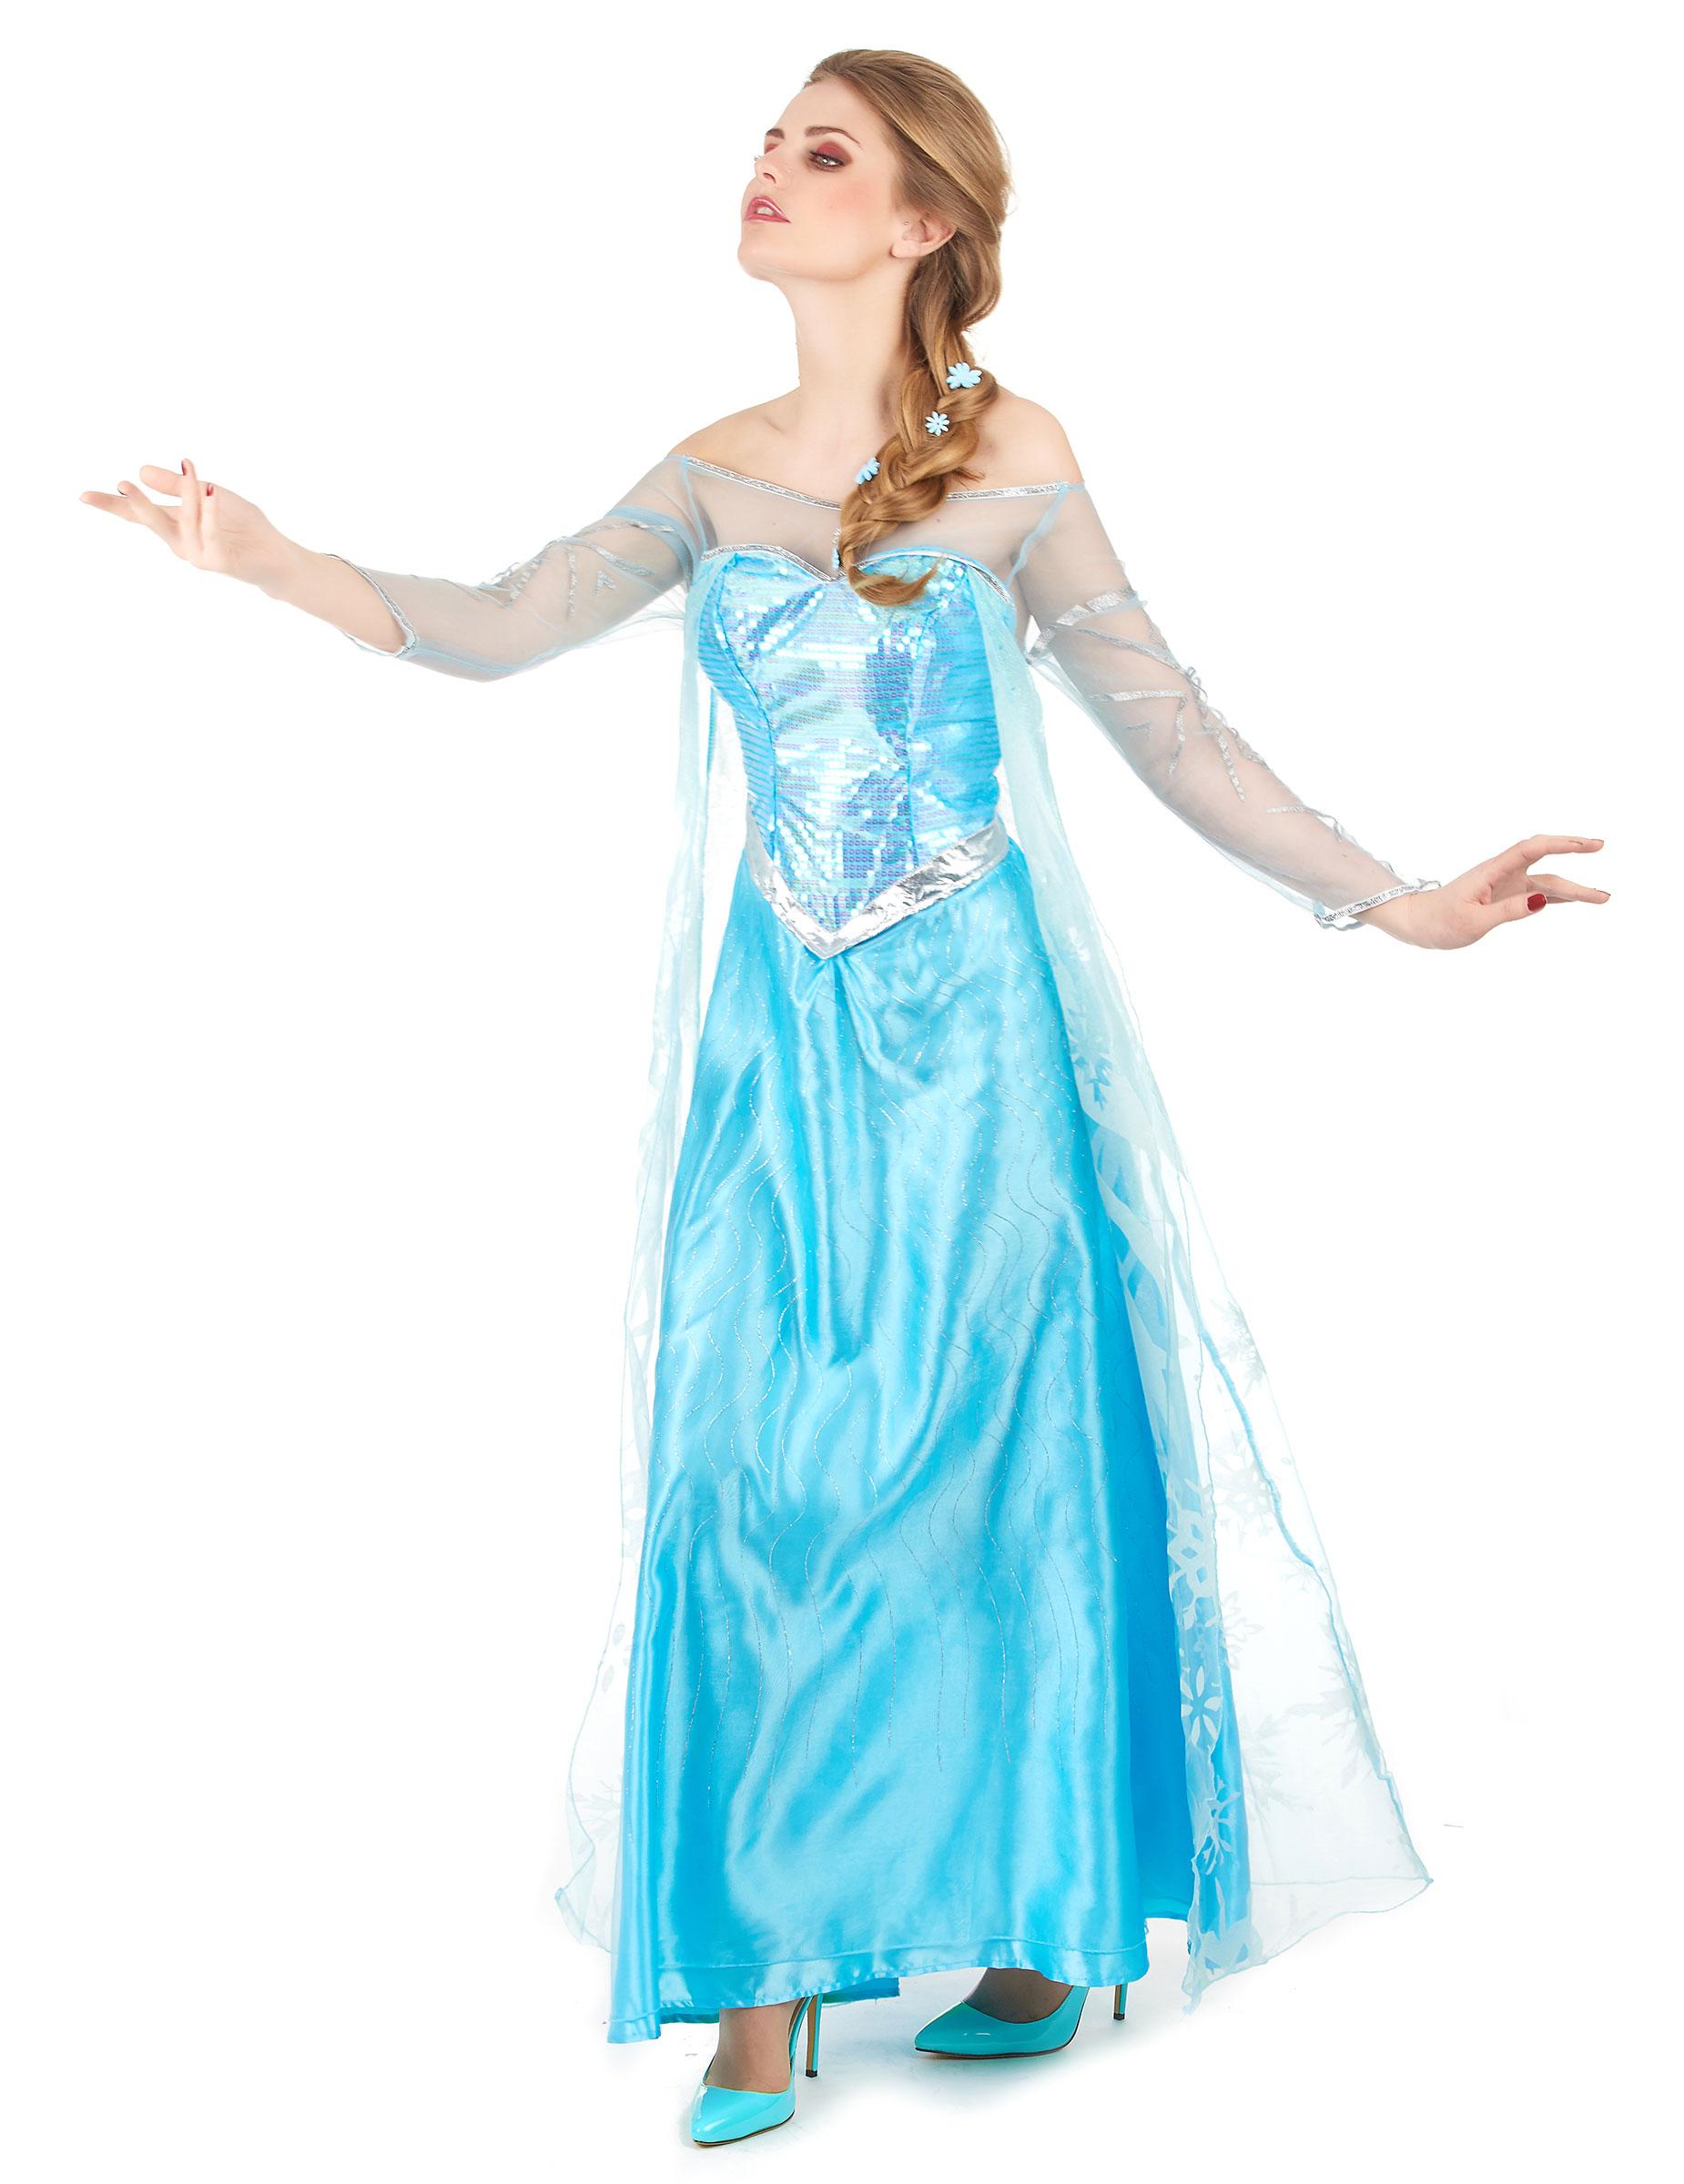 Disney Frozen Die Eiskonigin Elsa Damenkostum Lizenzartikel